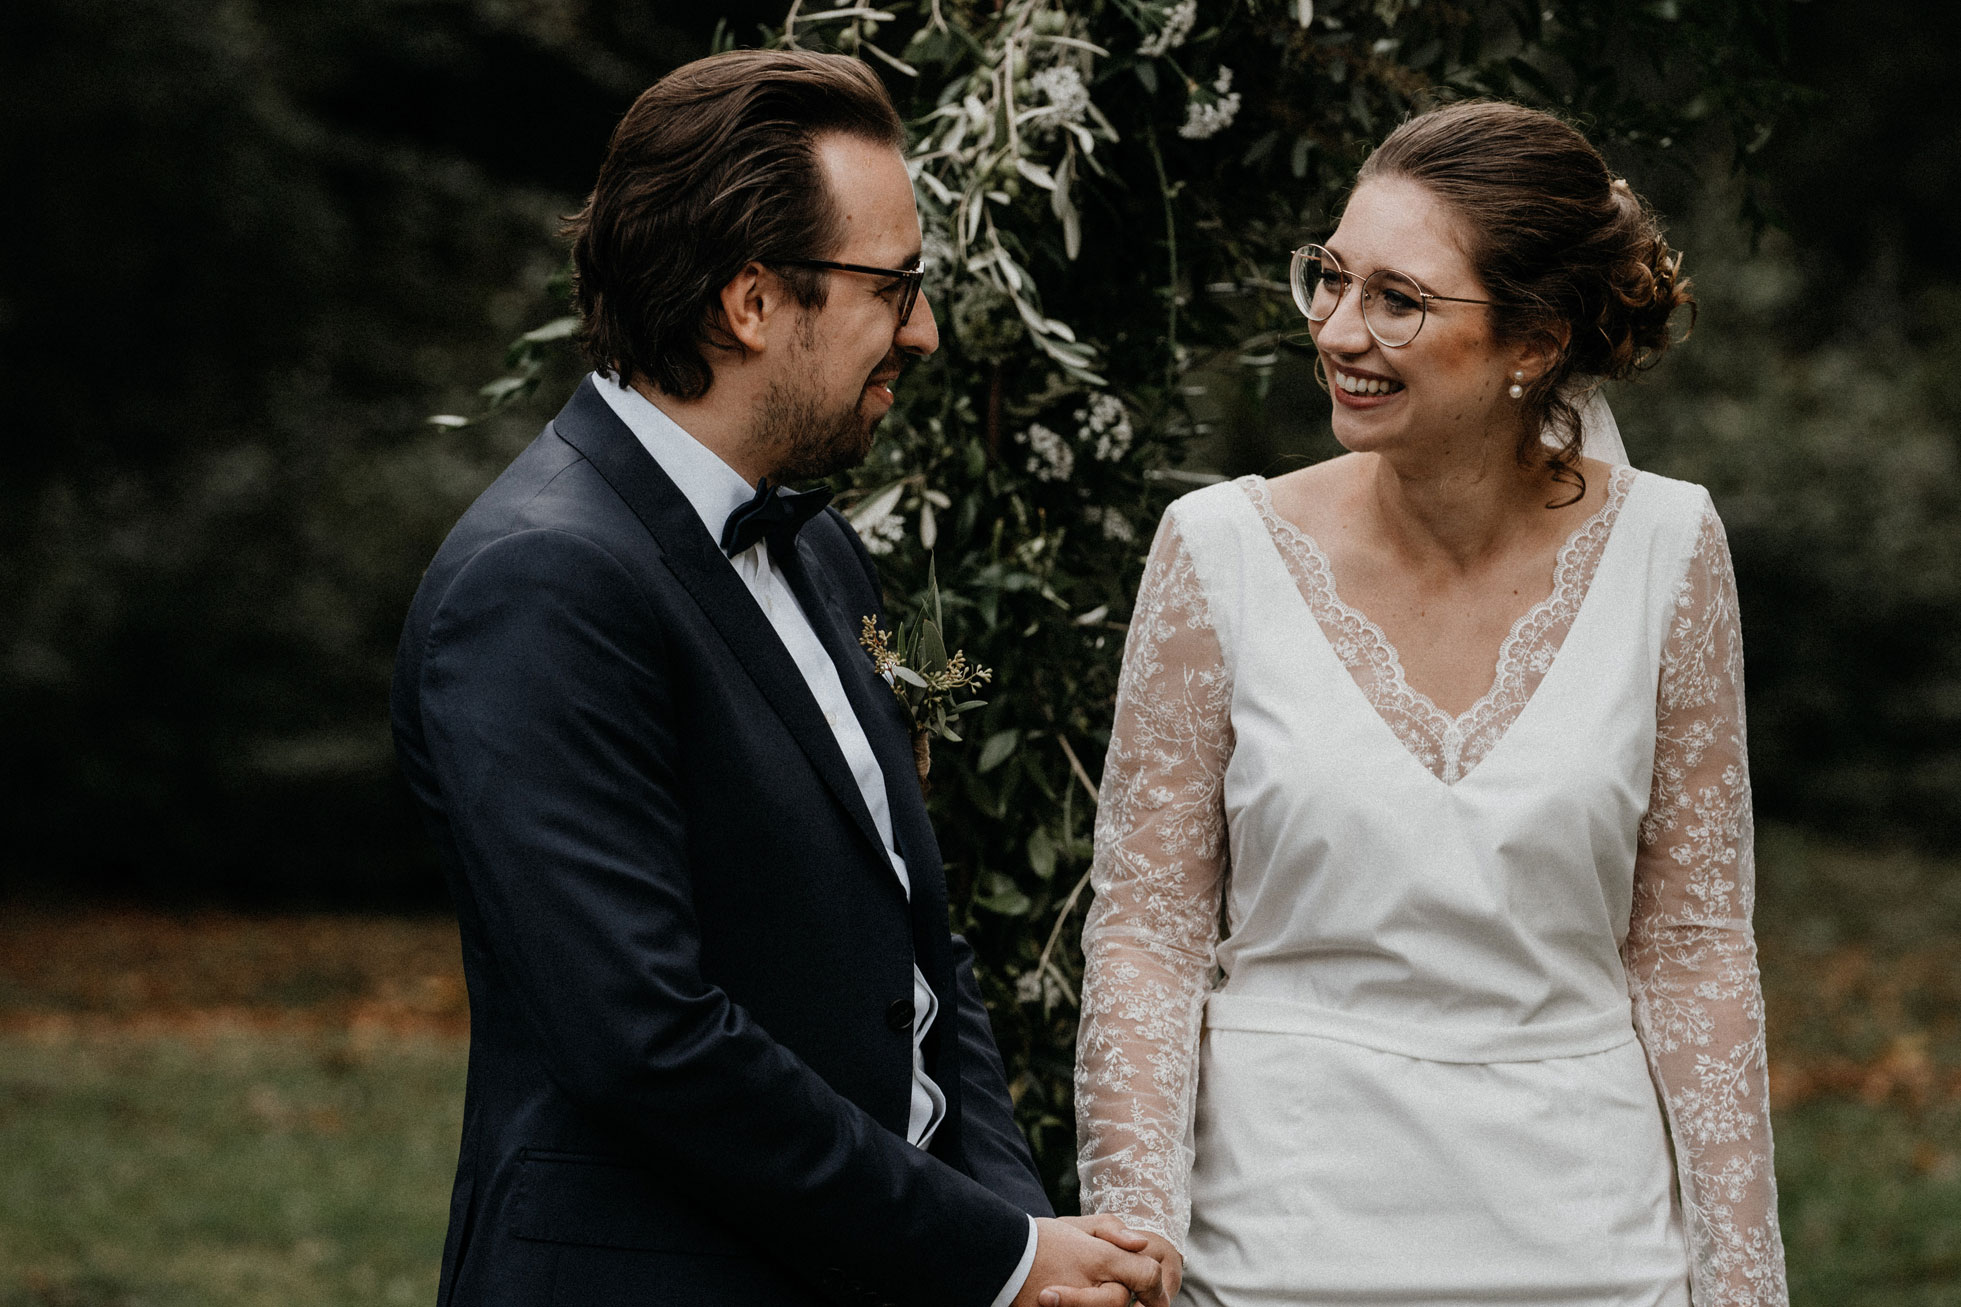 Hochzeit_Claire_Manuel_Villa_Maund_Daniel_Jenny-184.jpg